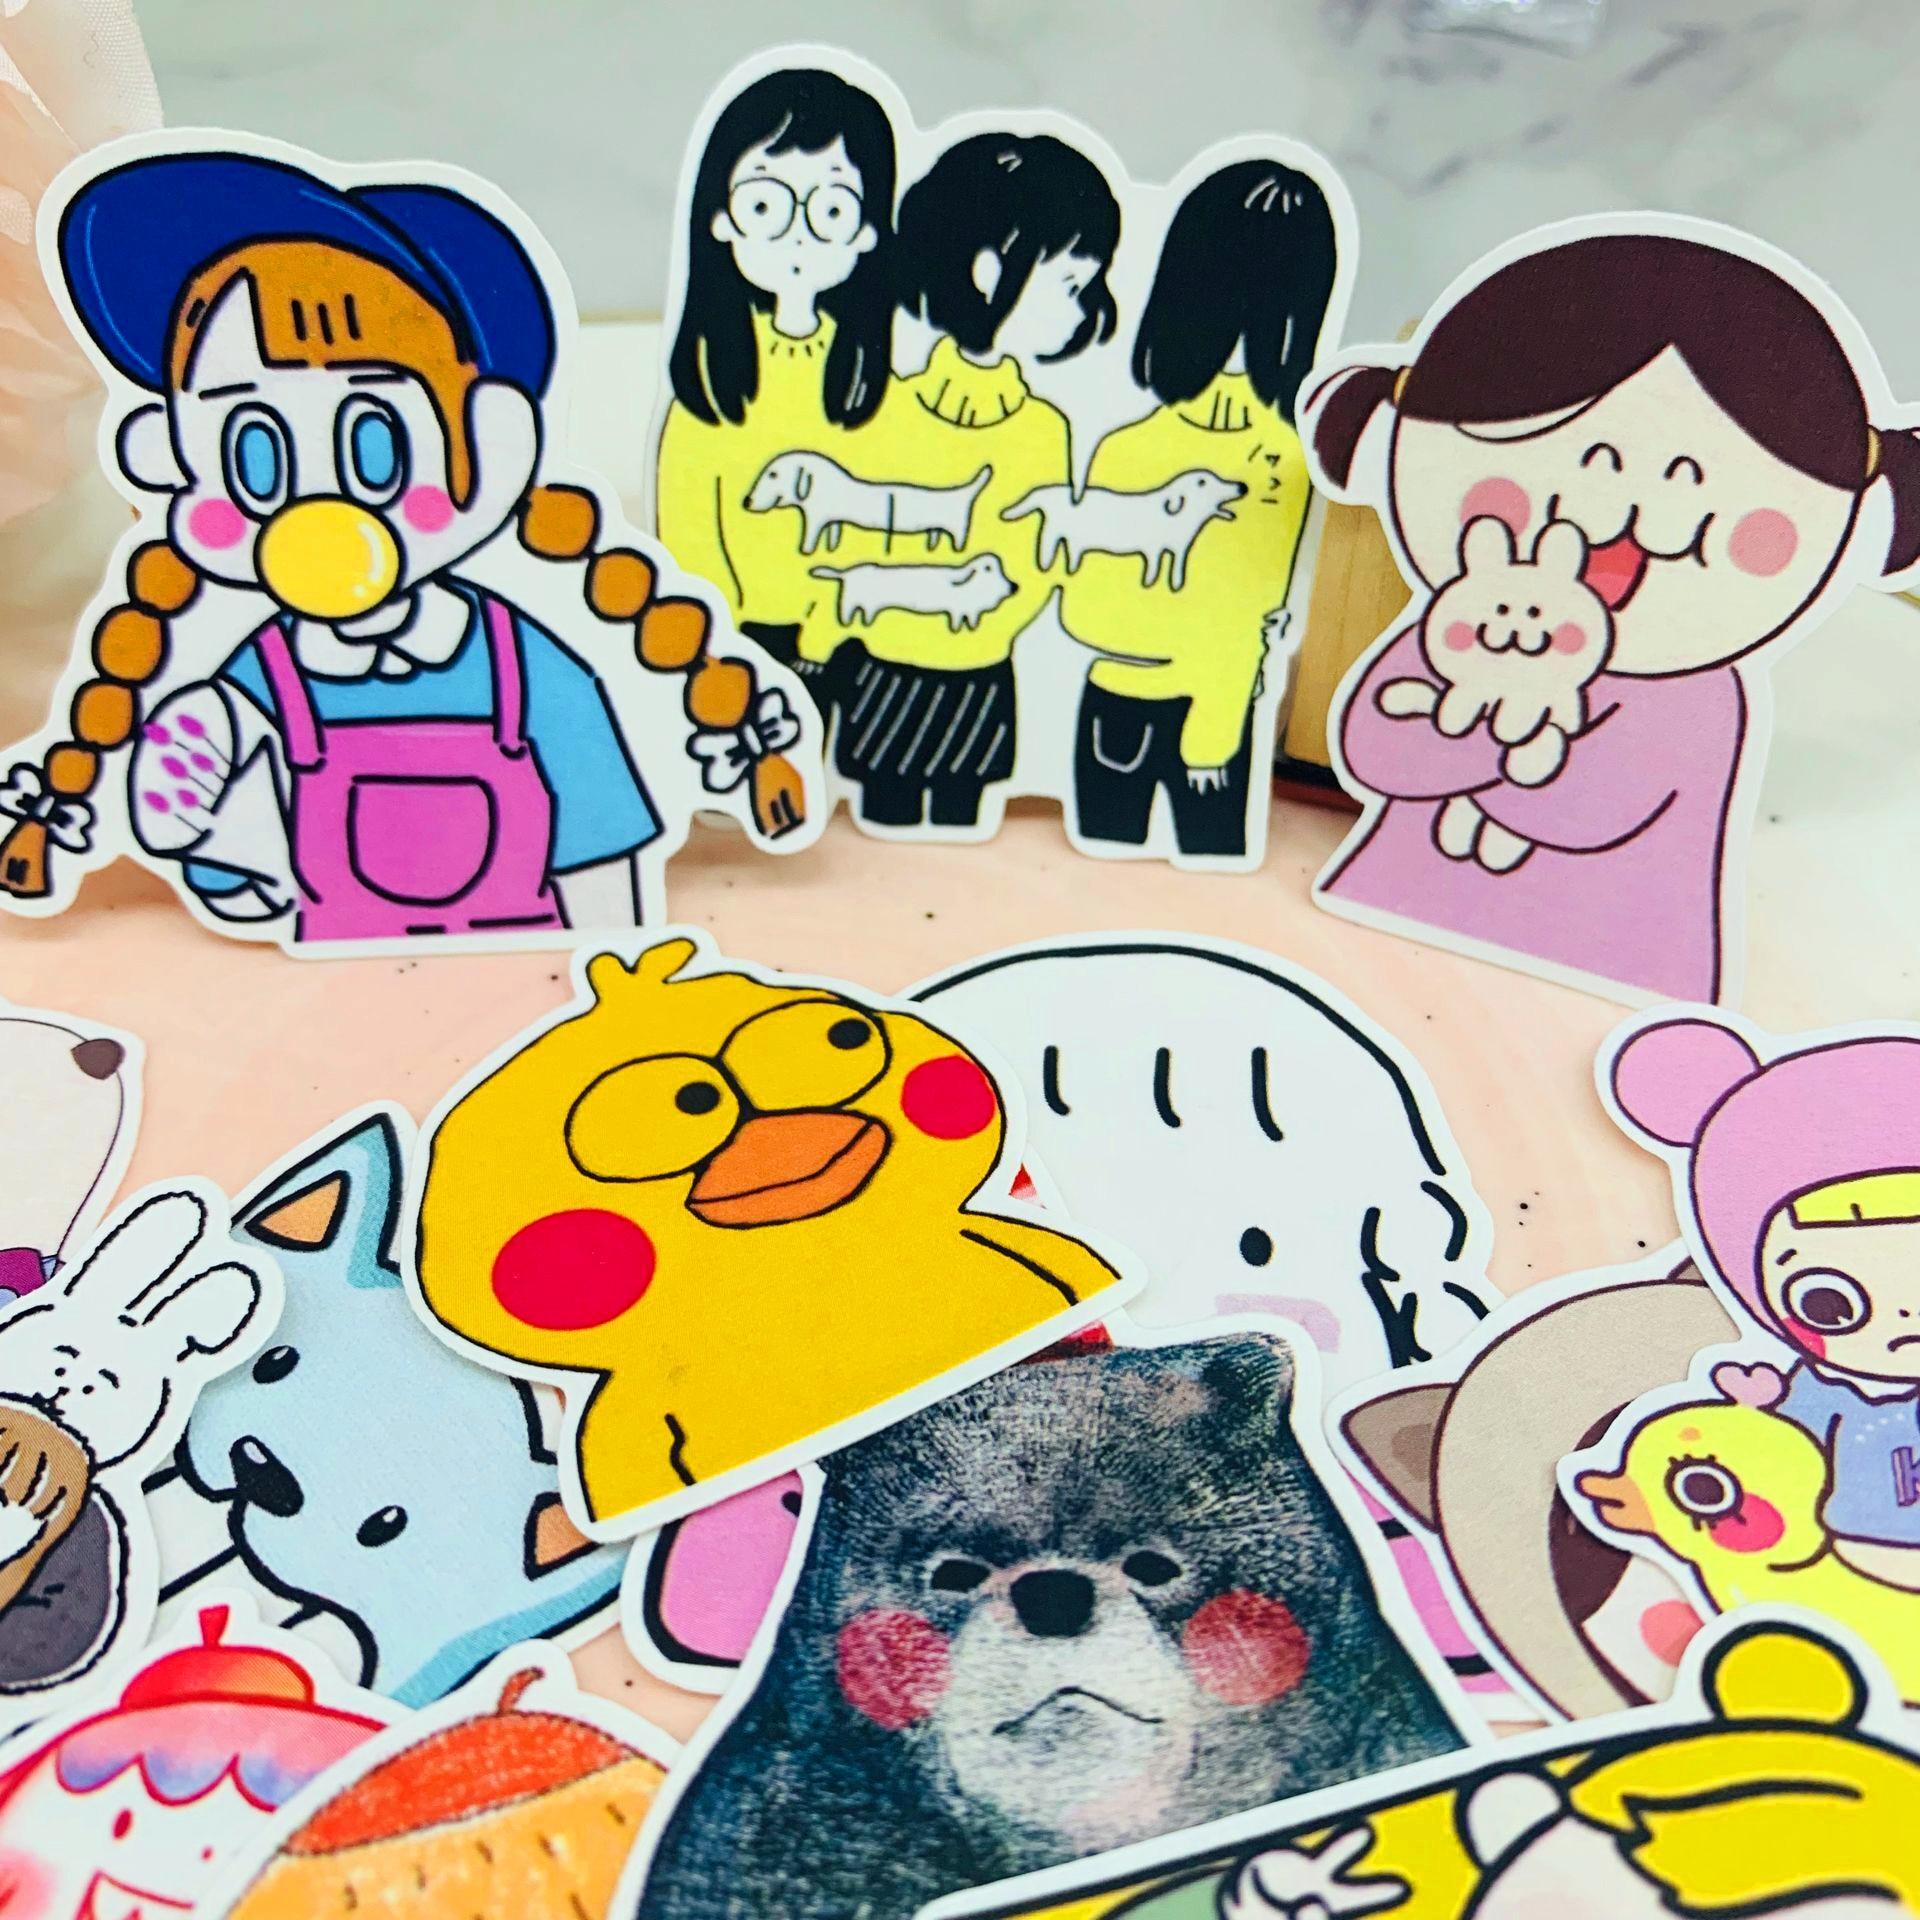 25 pçs bonito dos desenhos animados menina animal scrapbooking adesivos livro estudante crianças brinquedos notebook etiqueta decorativa papel de papelaria